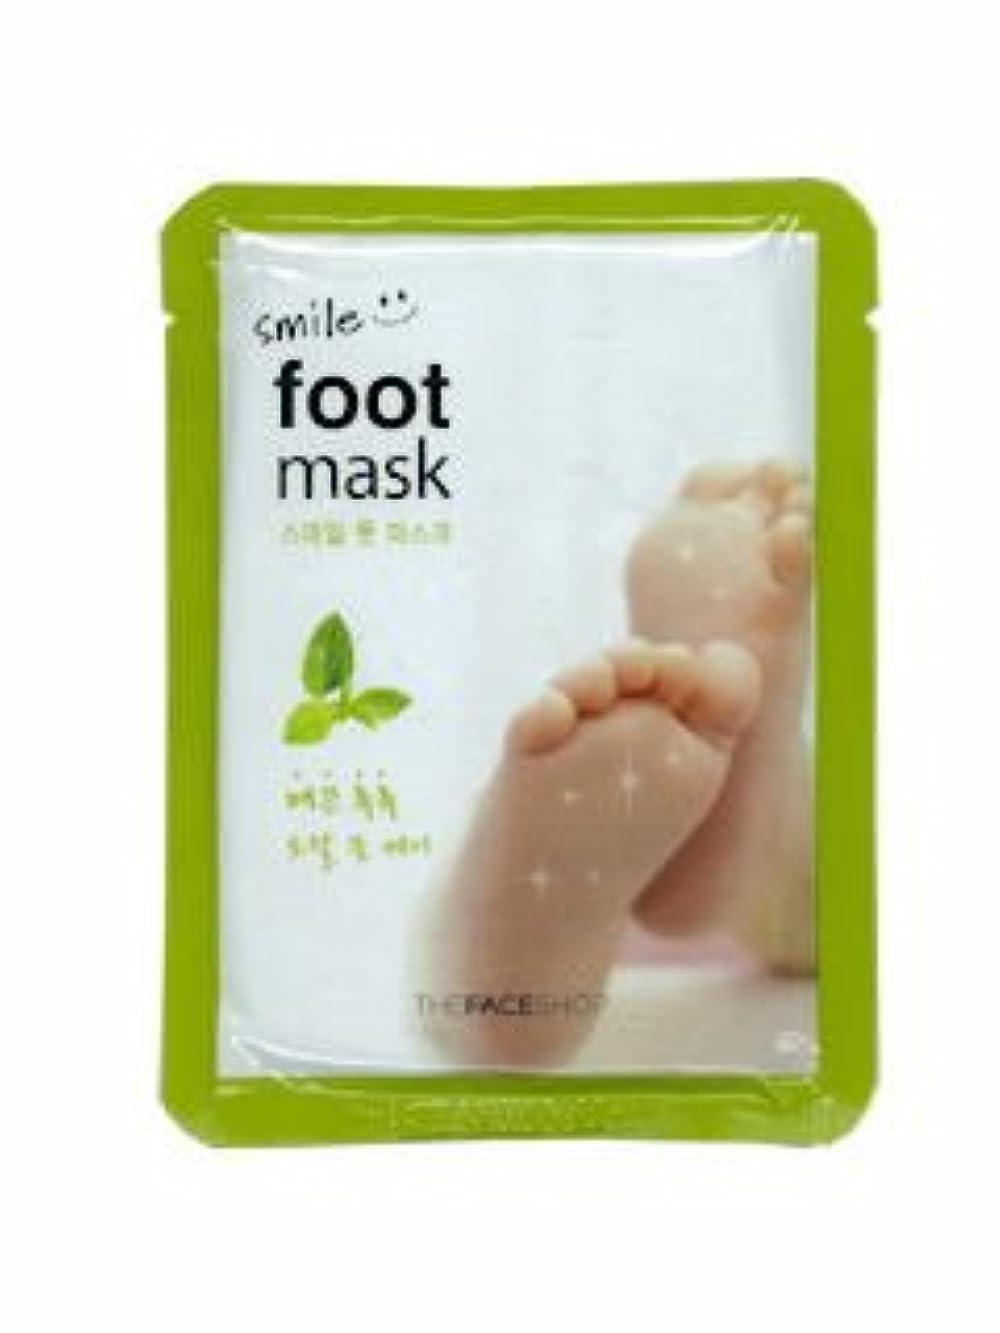 彼女自身シンプルさ二層【THE FACE SHOP ( ザフェイスショップ )】 SMILE FOOT MASK スマイル フット マスク